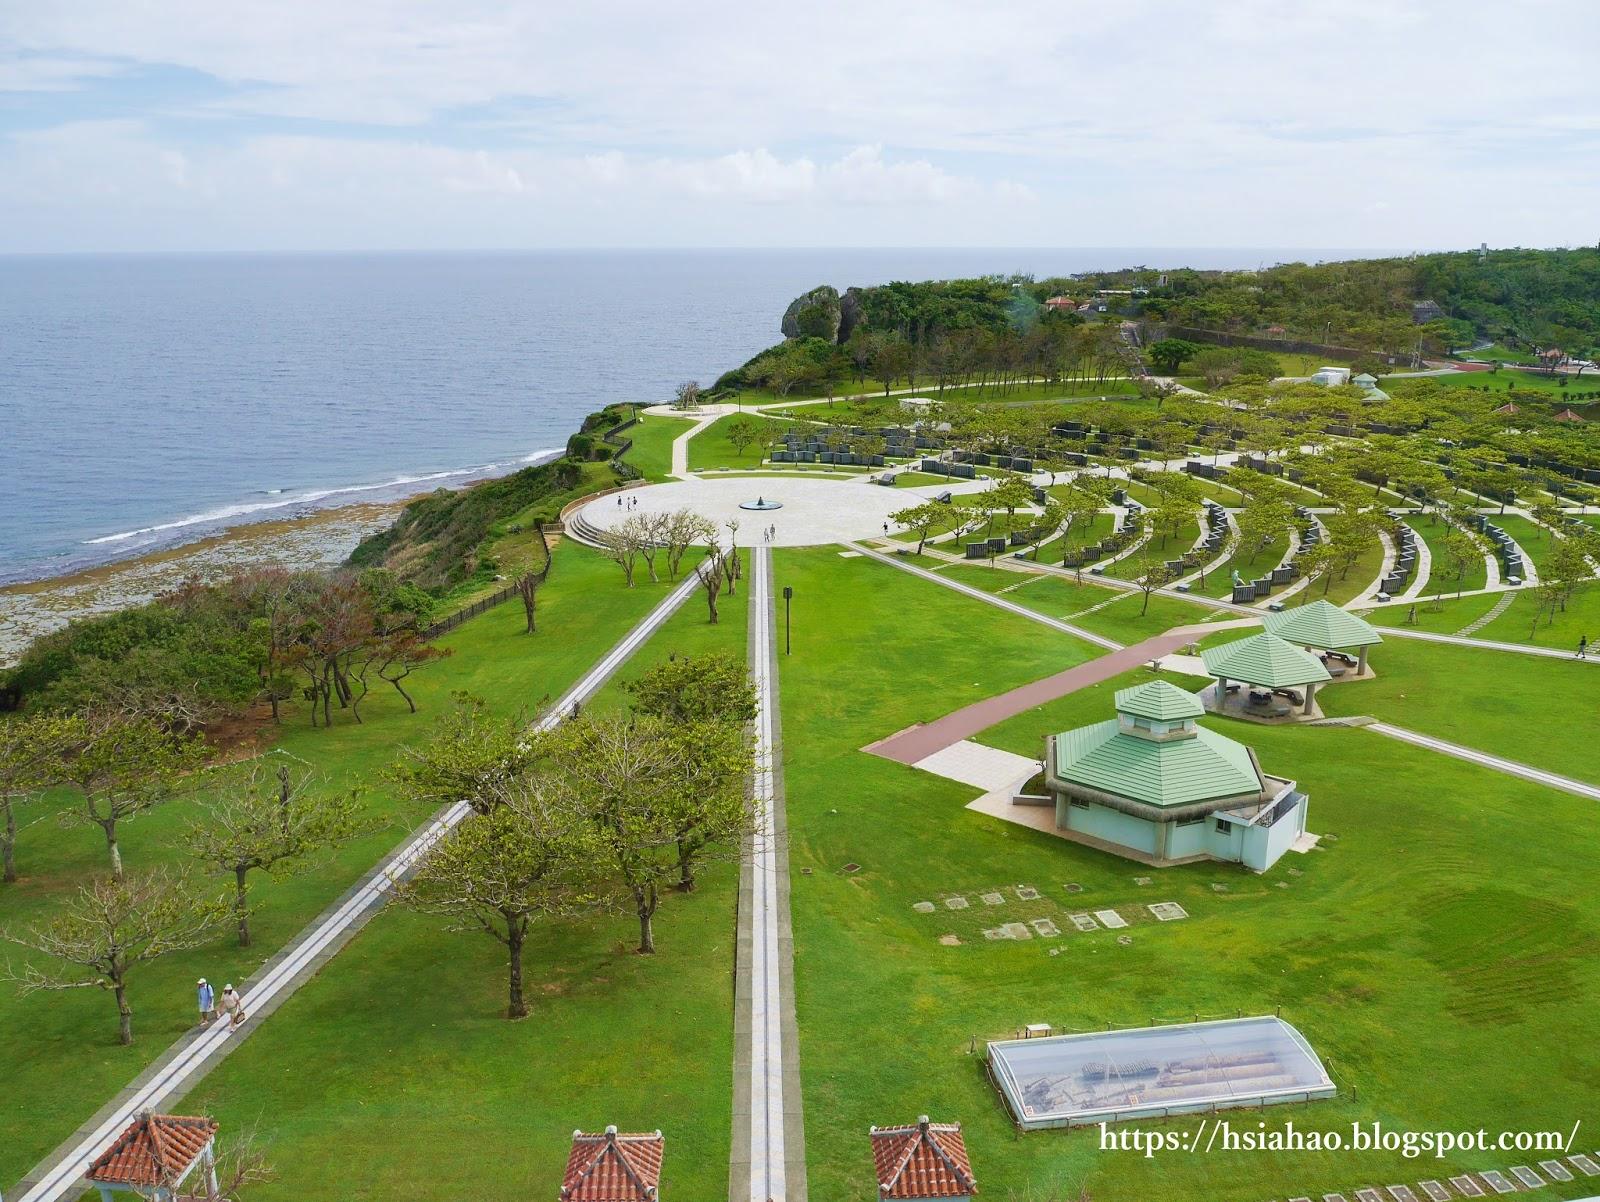 沖繩-景點-平和祈念公園-平和之礎-平和祈念資料館-觀景台-自由行-旅遊-Okinawa-peace-park-memorial-museum